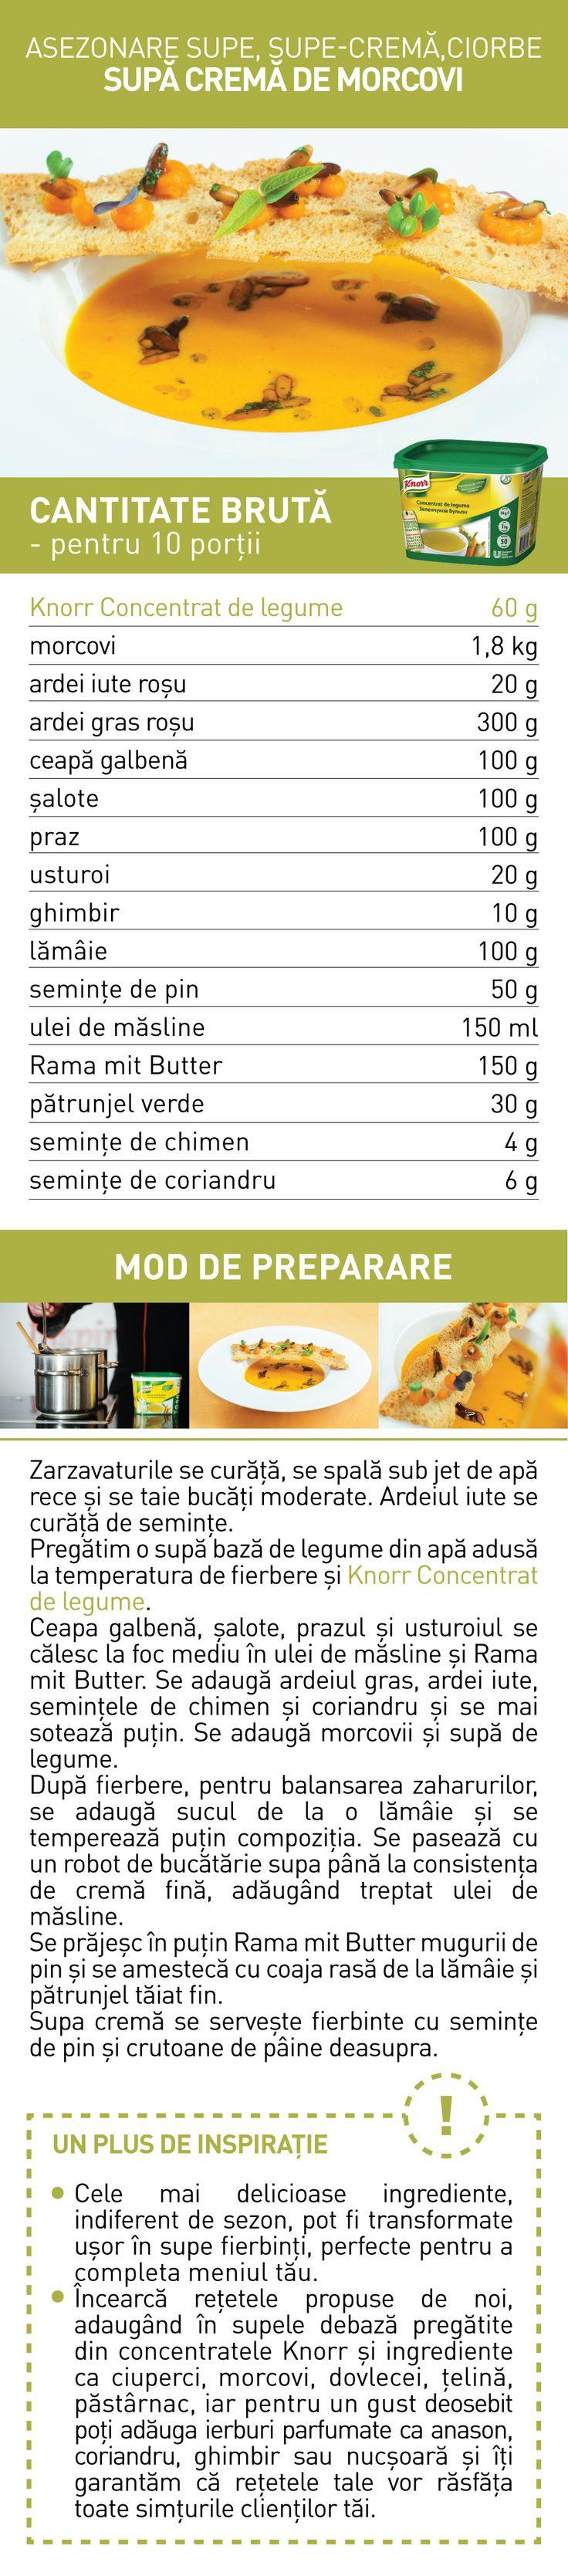 Asezonare supe, supe-crema, ciorbe (VI) - RETETE